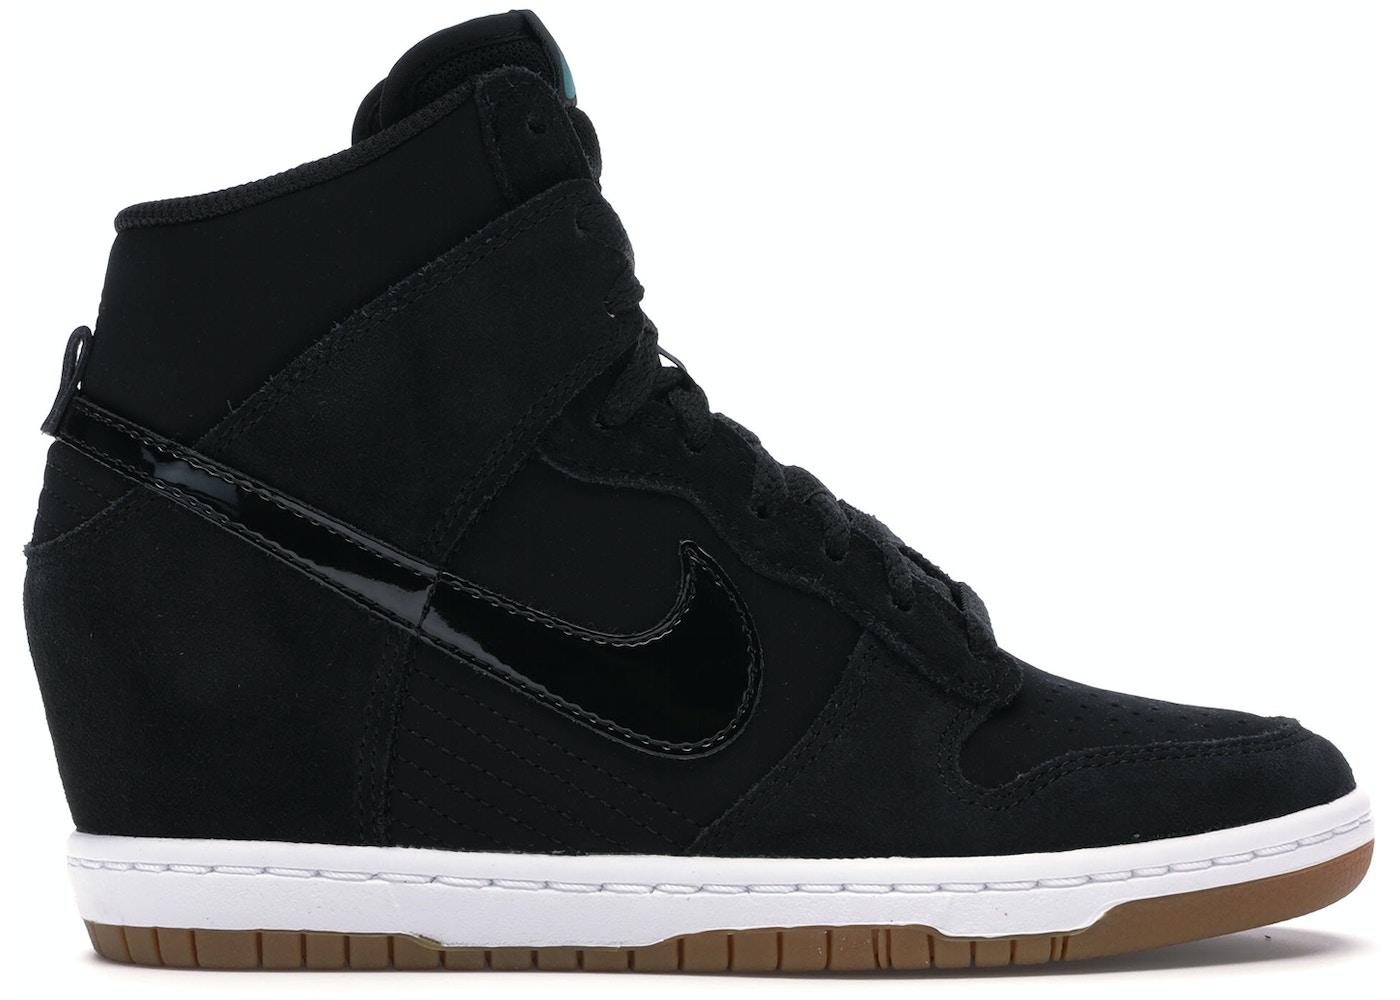 new product e5473 6e4f8 Nike Dunk Sky Hi Black Gum (W) - 644877-011